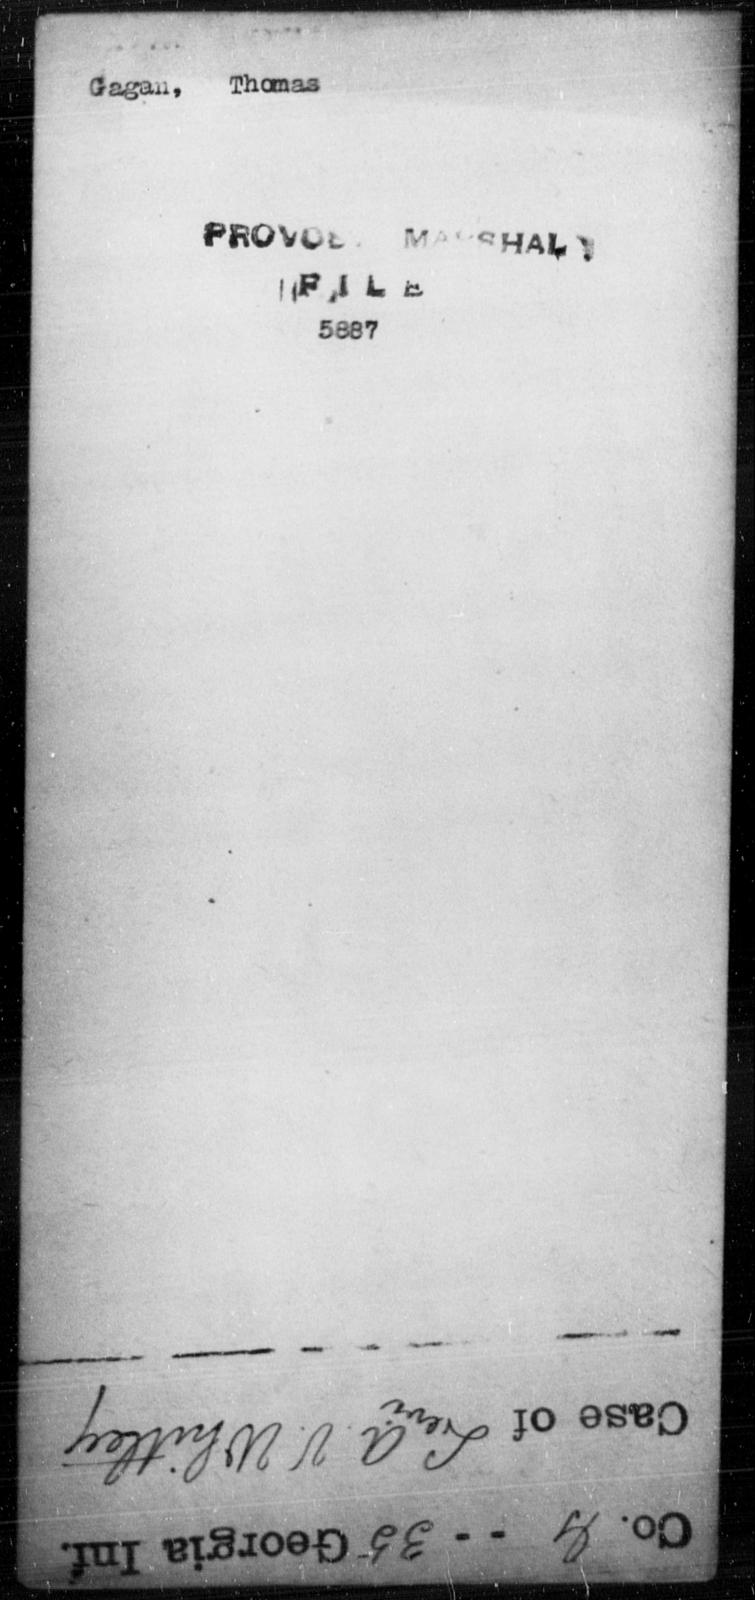 Gagan, Thomas - State: [Blank] - Year: [Blank]